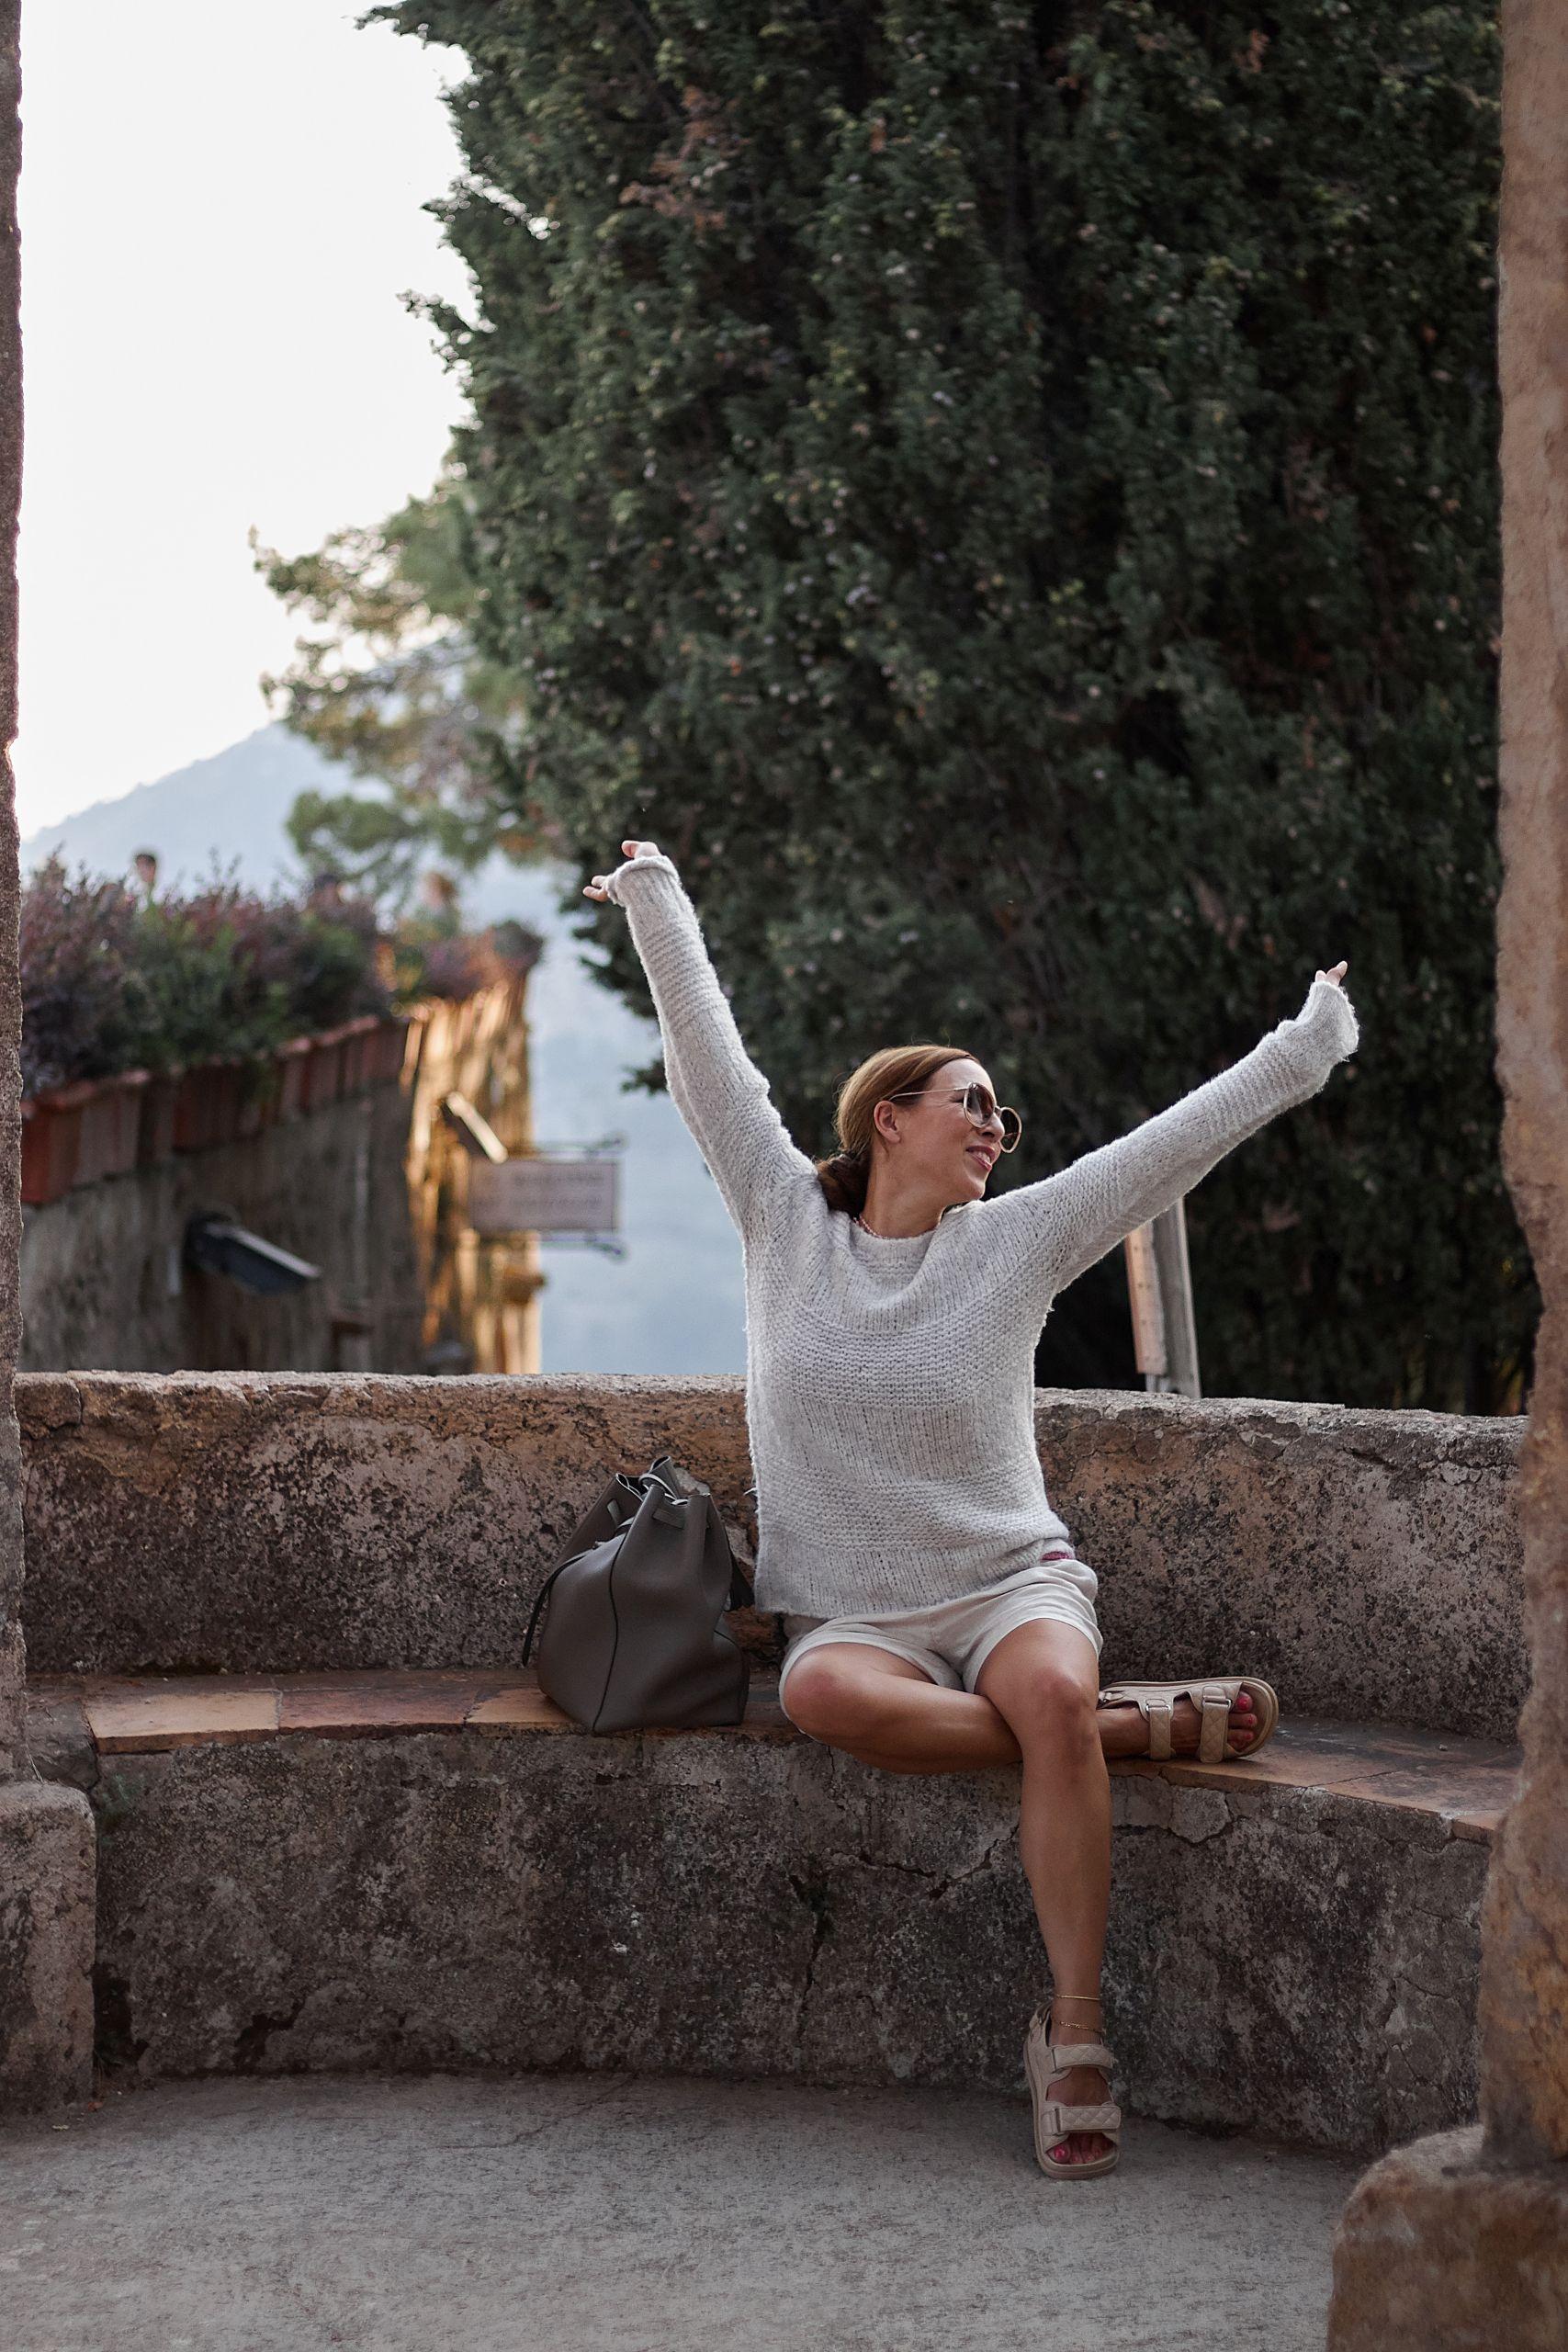 Amy Vermont Pullover zu Leinenshorts in der Villa Cimbrone in Ravello